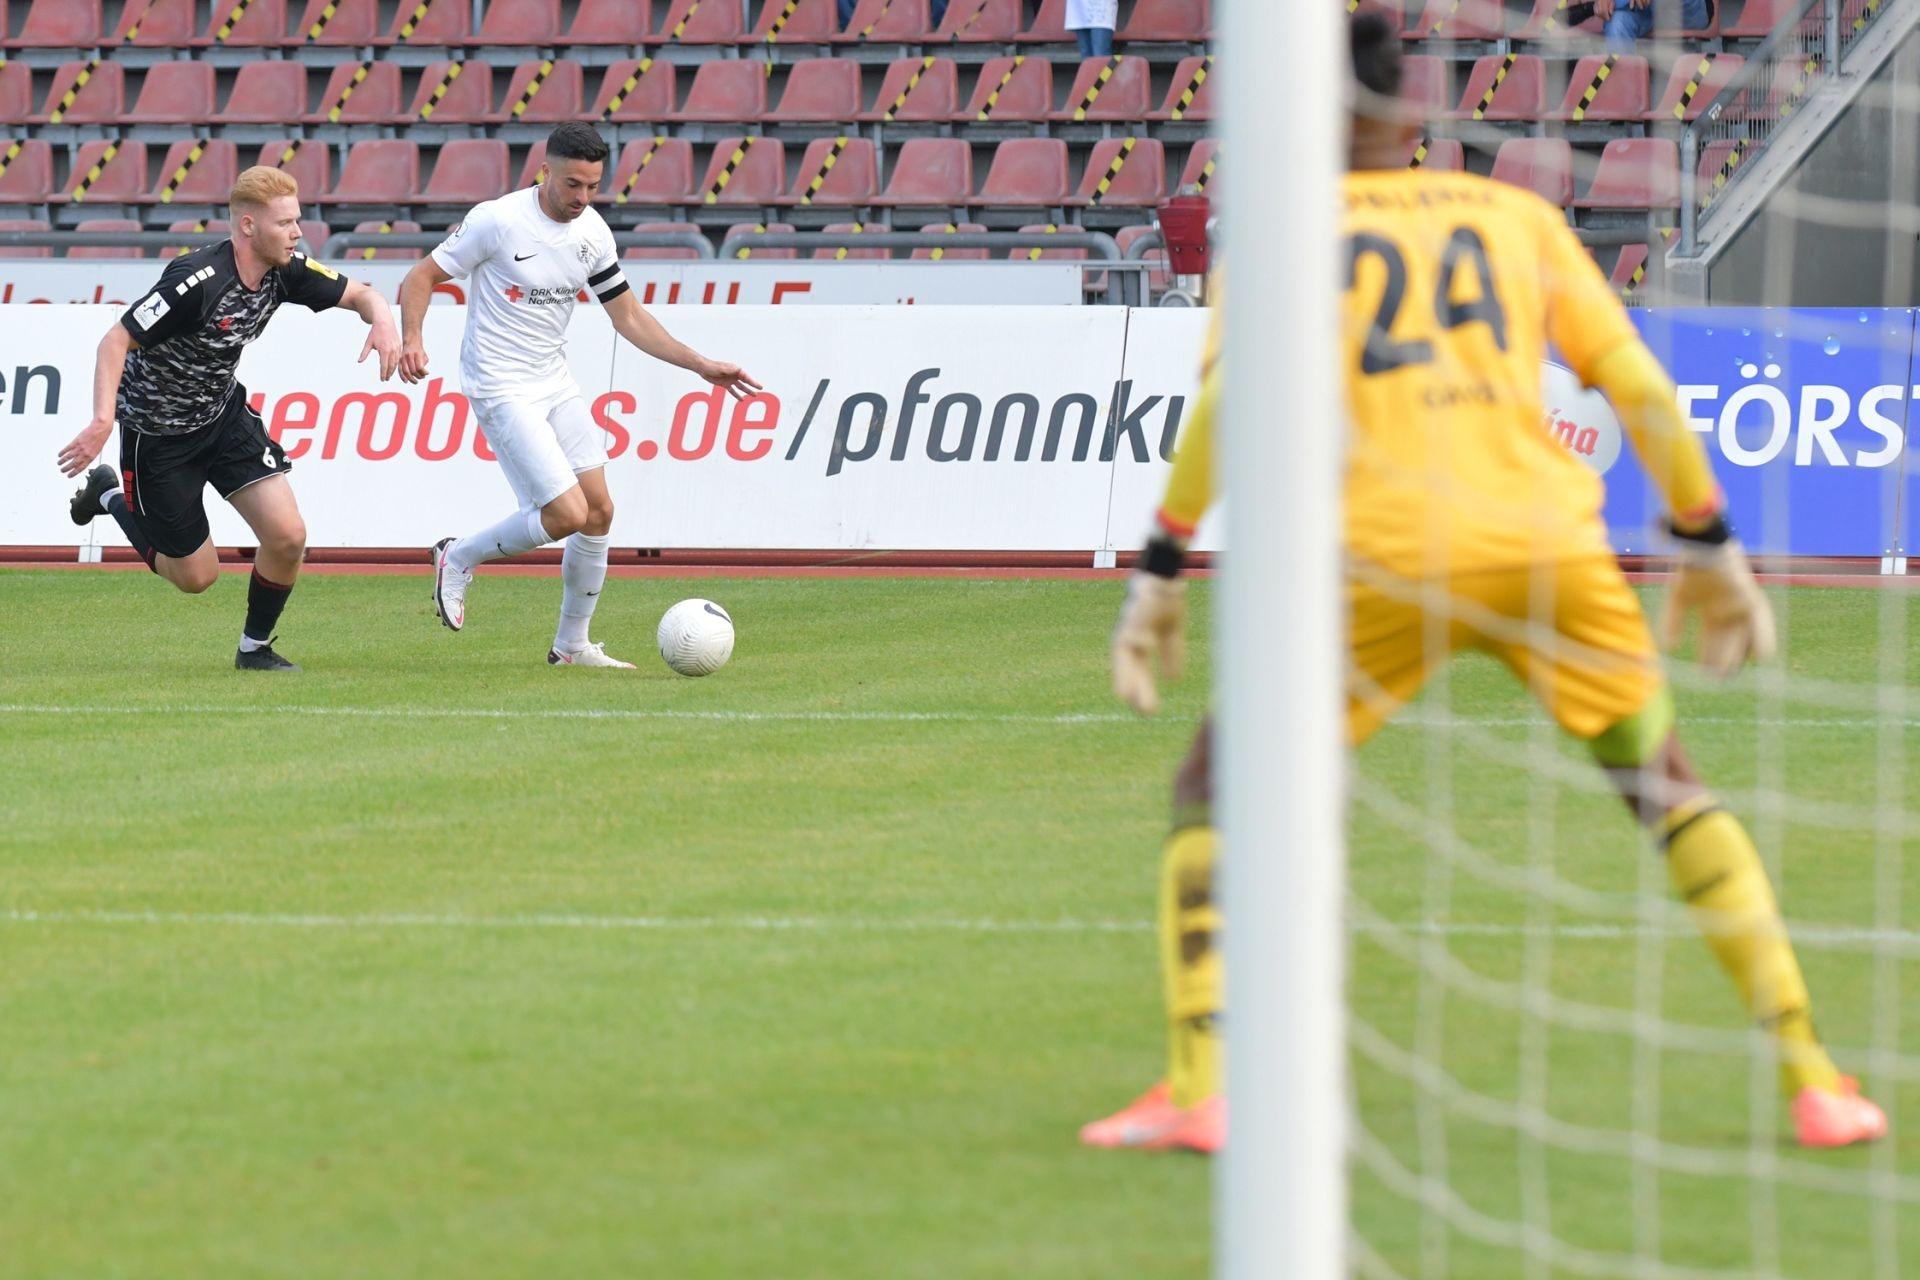 Regionalliga Südwest 2020/21, KSV Hessen Kassel, Rot-Weiss-Koblenz, Endstand 1:1, Adrian Bravo Sanchez